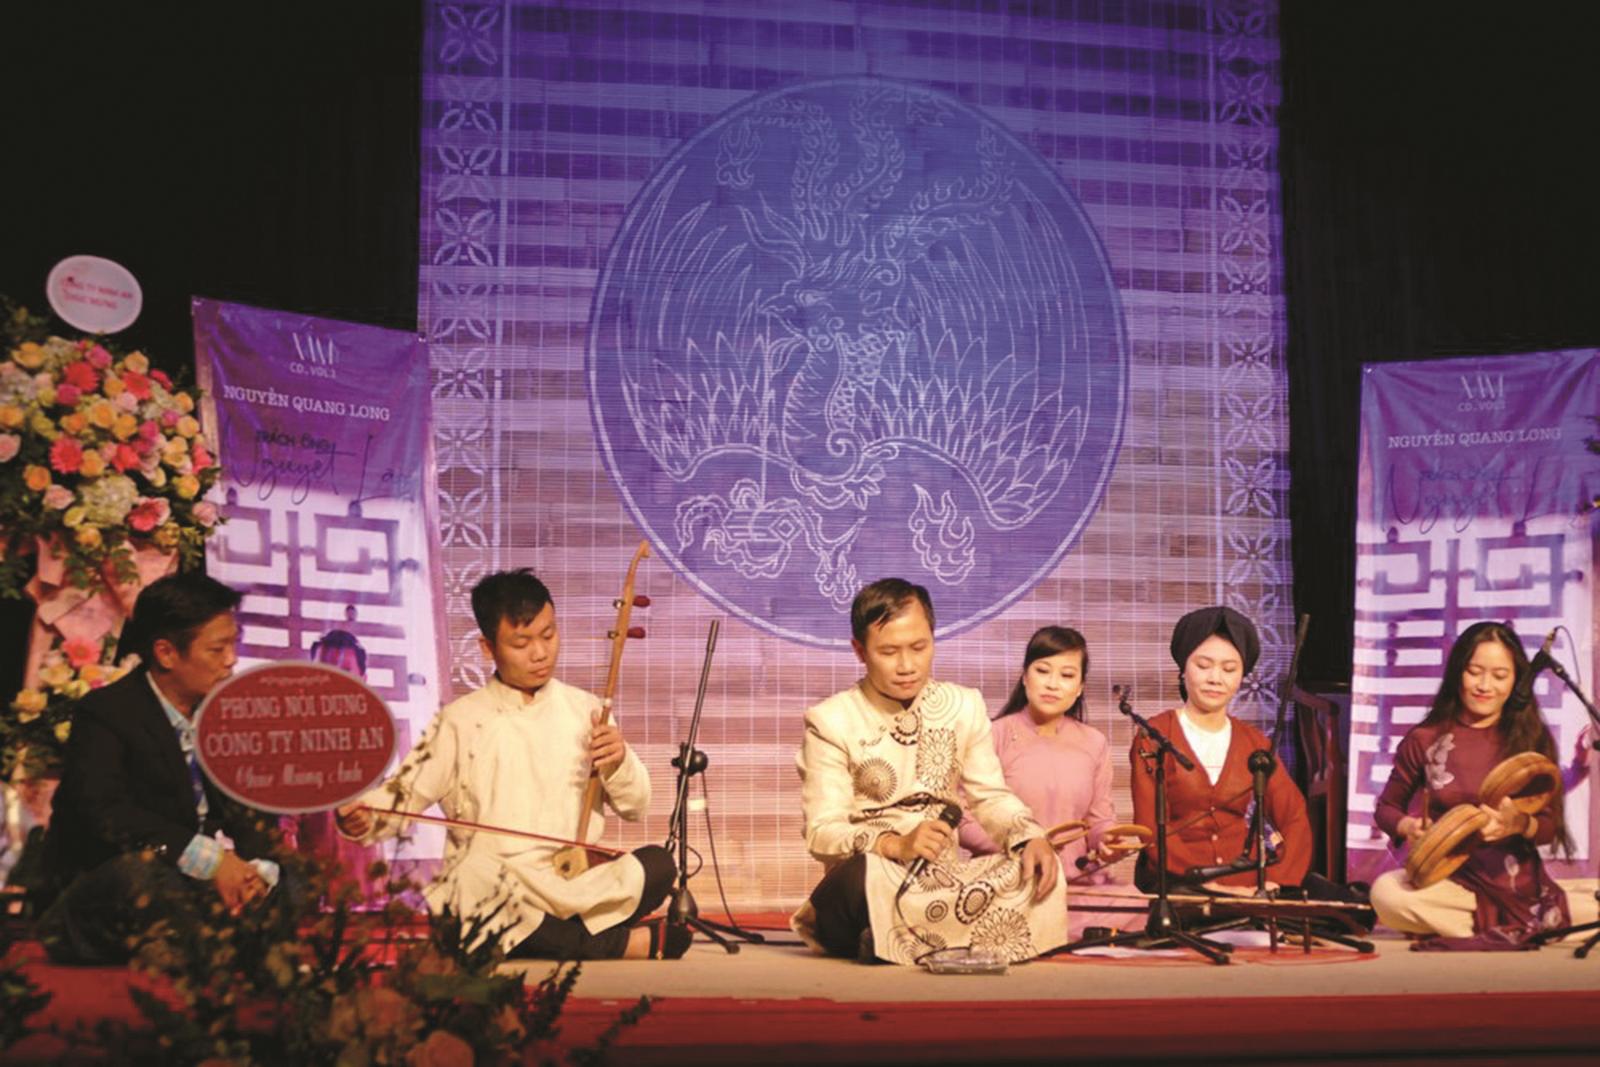 """Khi Nguyễn Quang Long """"Trách ông Nguyệt Lão"""""""